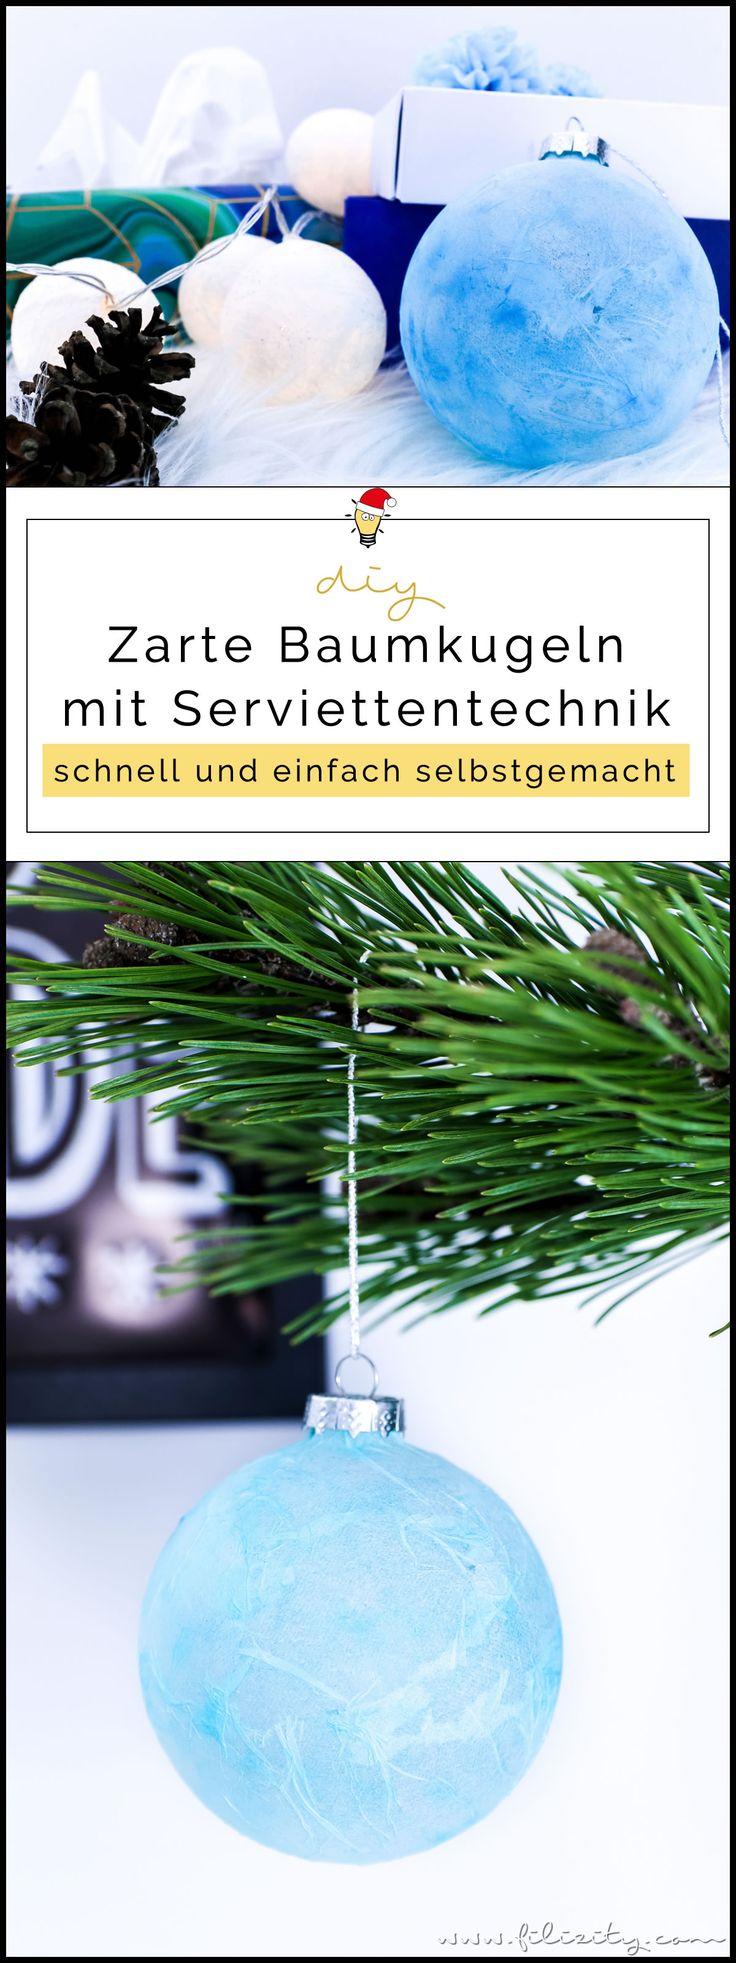 Winter- & Weihnachtsdeko: DIY marbeled Christbaumkugeln mit Serviettentechnik | Filizity.com | DIY-Blog aus dem Rheinland #weihnachten #weihnachtsdeko #tempo